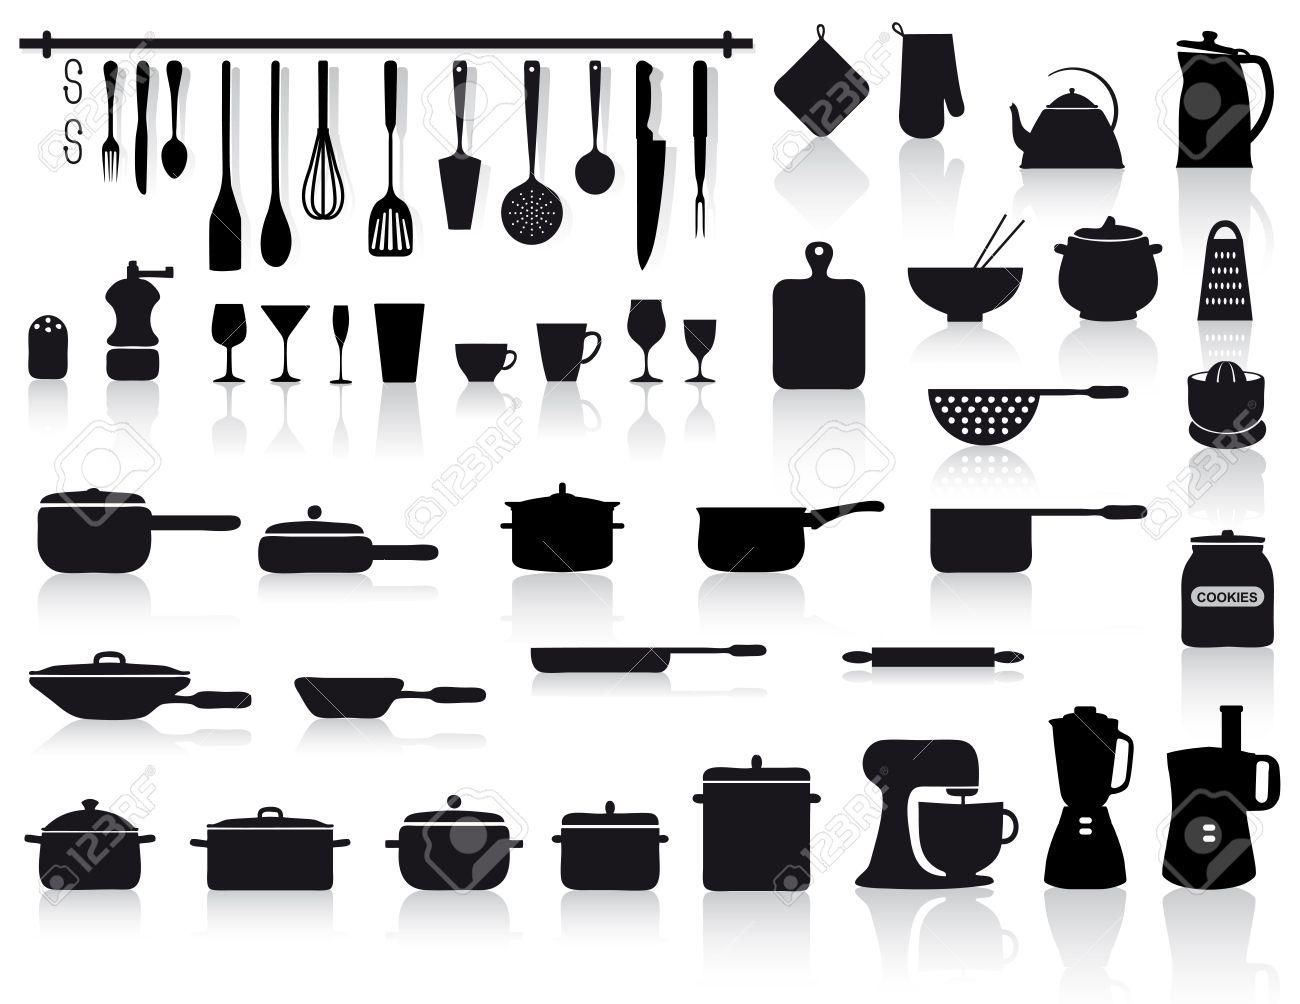 archivio fotografico set di icone assortite di utensili da cucina vasellame e posate in nero